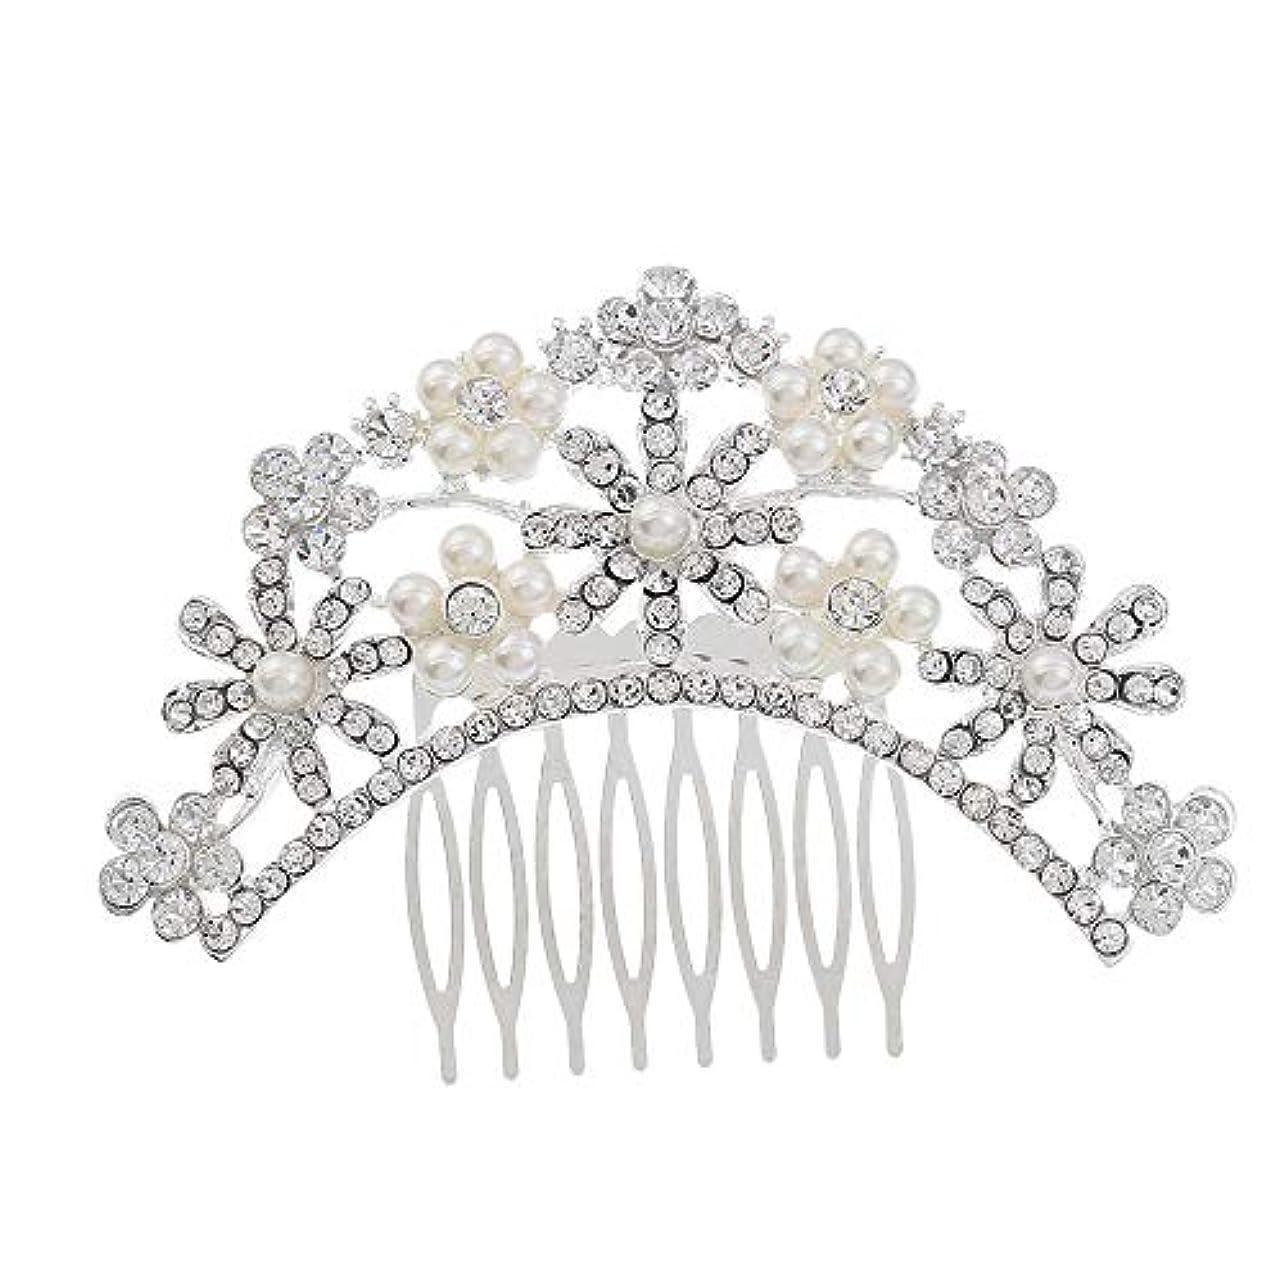 組立貸すインテリアヘアコームコーム櫛花嫁の髪櫛クラウンヘッドバンド結婚式の帽子真珠の髪の櫛ラインストーンインサート櫛